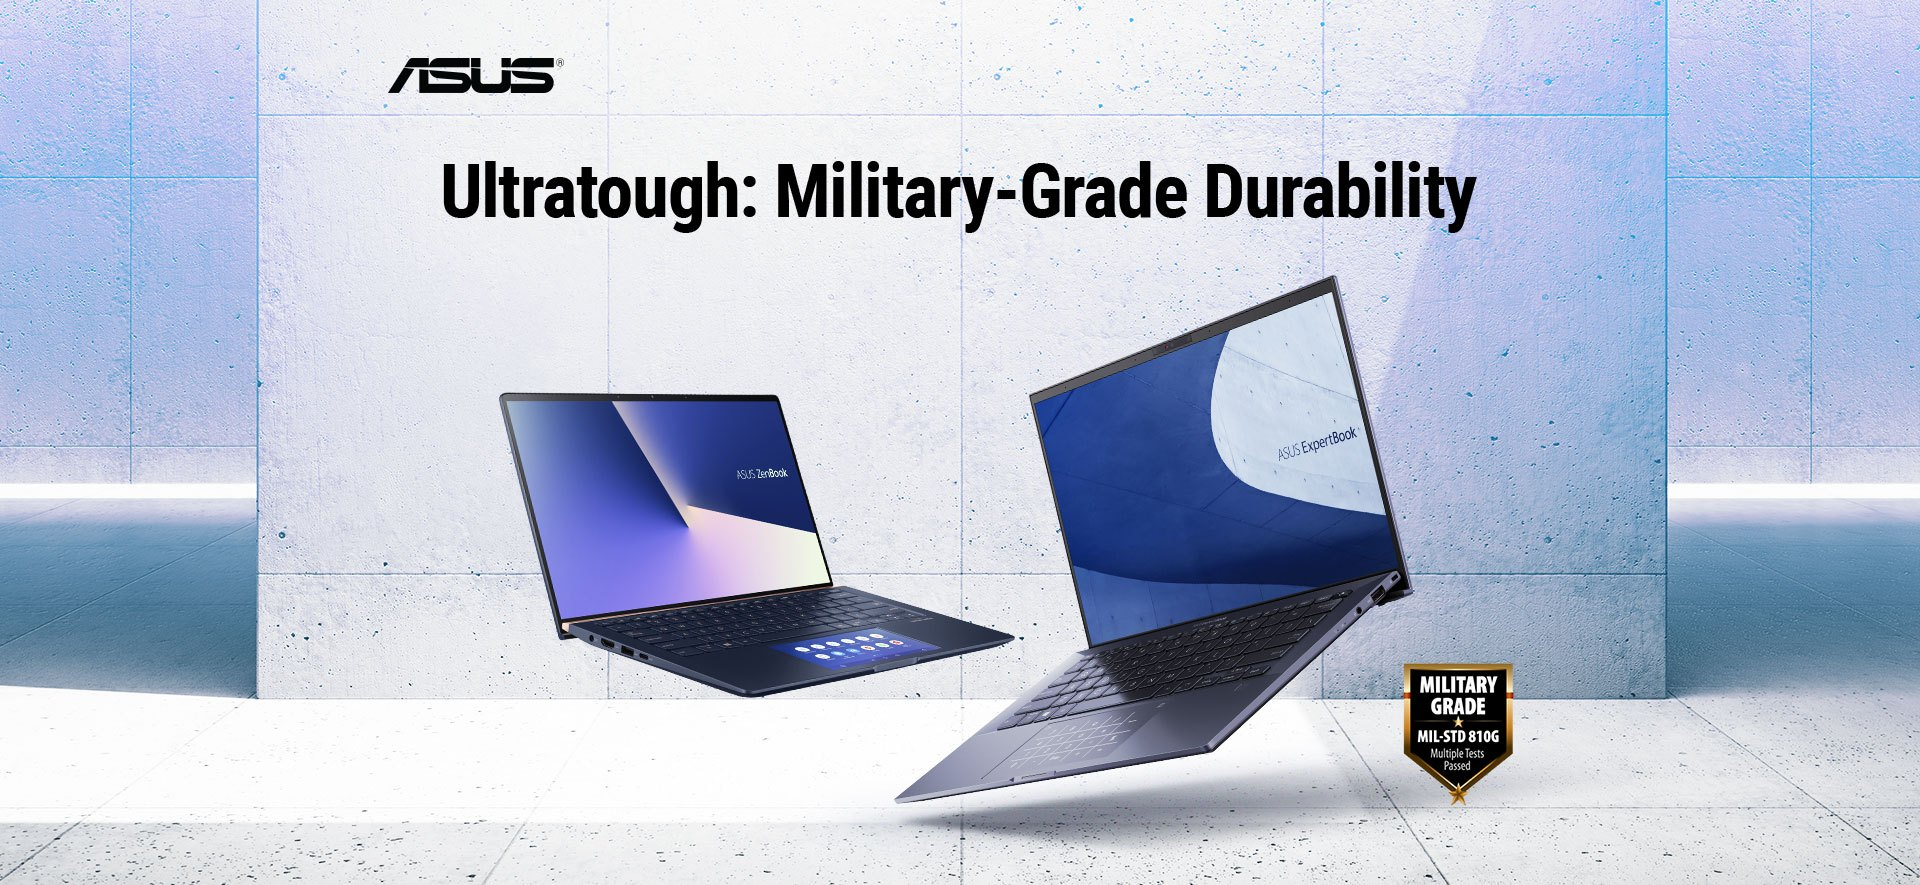 Laptop Asus Zenbook được sản xuất theo tiêu chuẩn quân đội